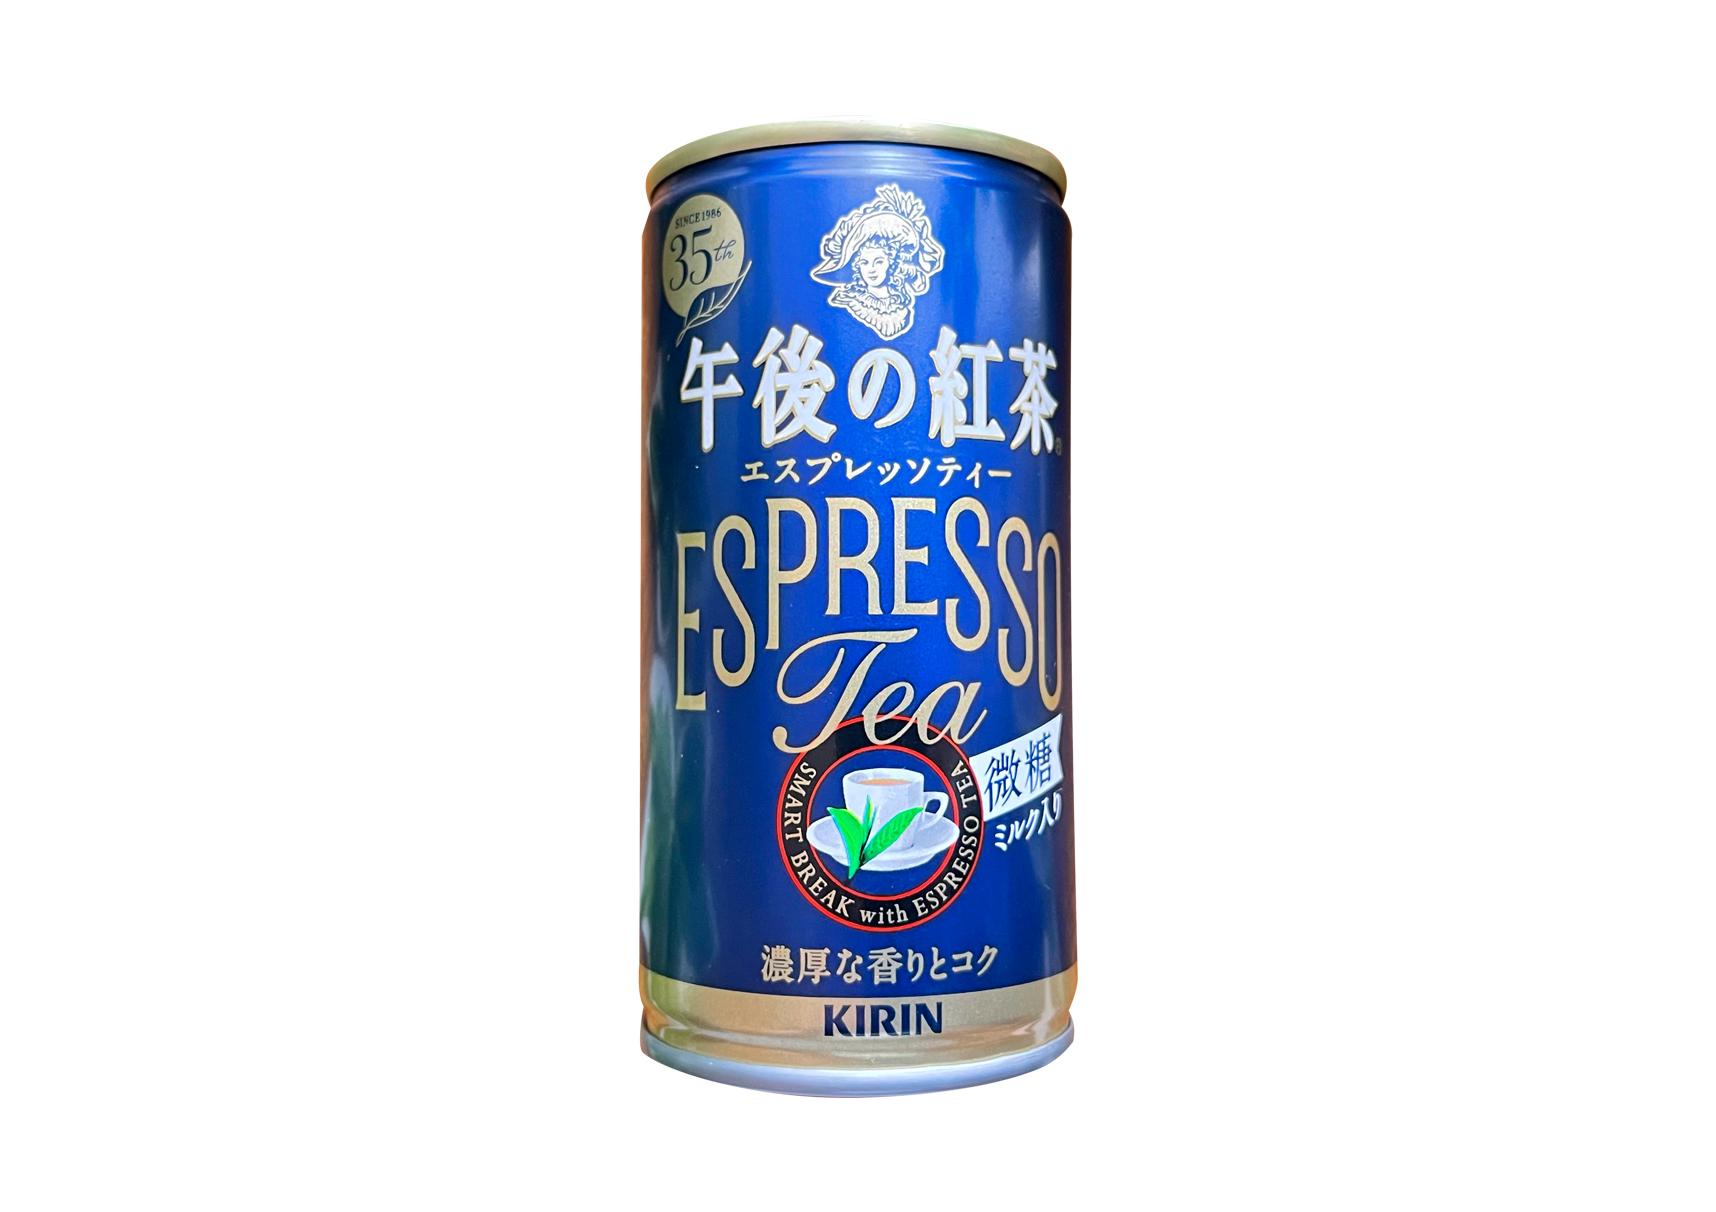 キリン『午後の紅茶 エスプレッソティー微糖 185g 缶』は引き立つ茶葉の香りと強めの渋みがインパクト◎な大人系紅茶!